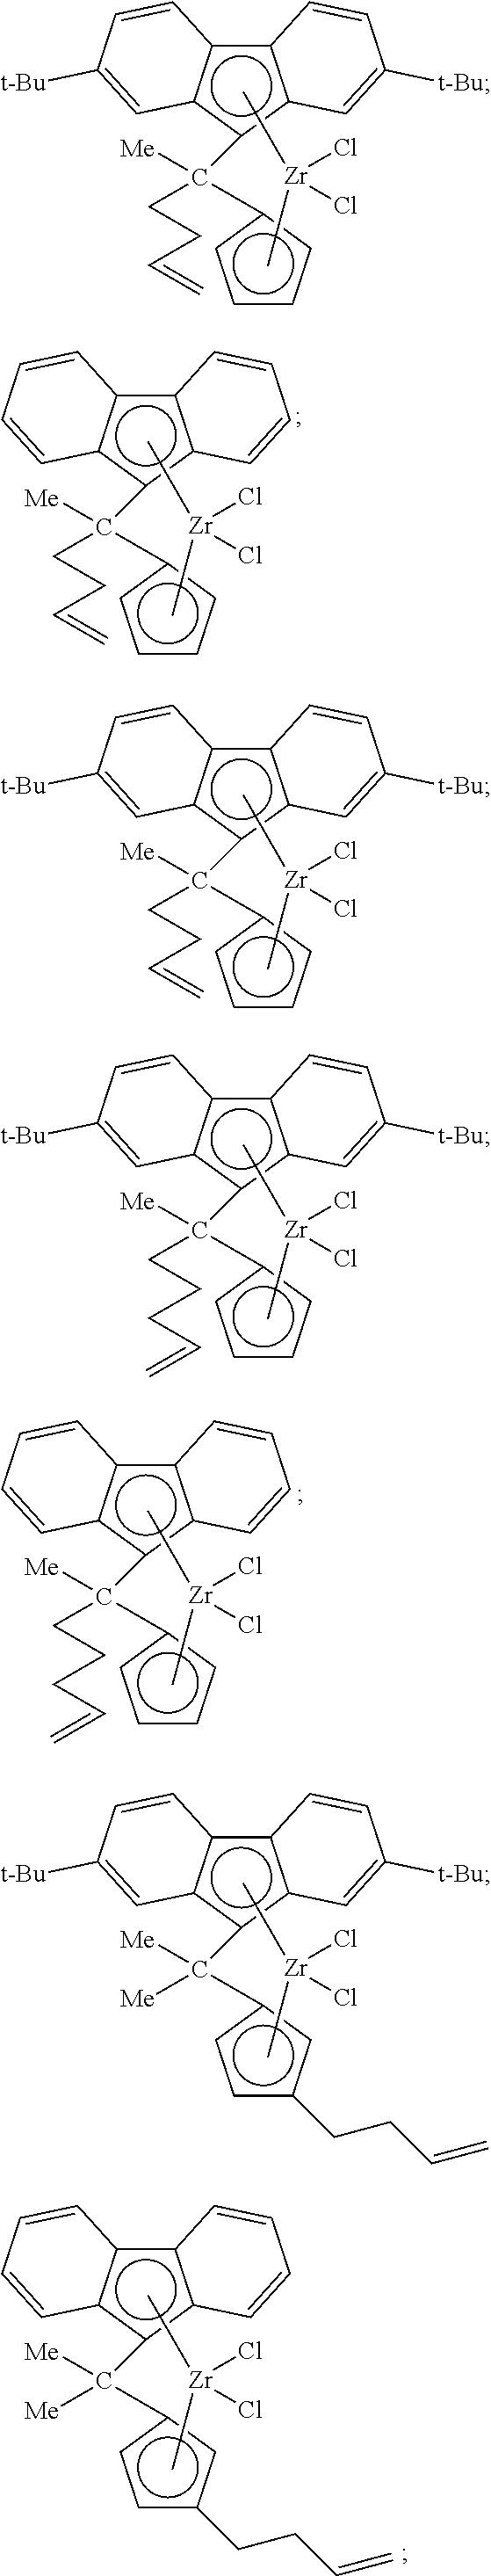 Figure US08609793-20131217-C00013